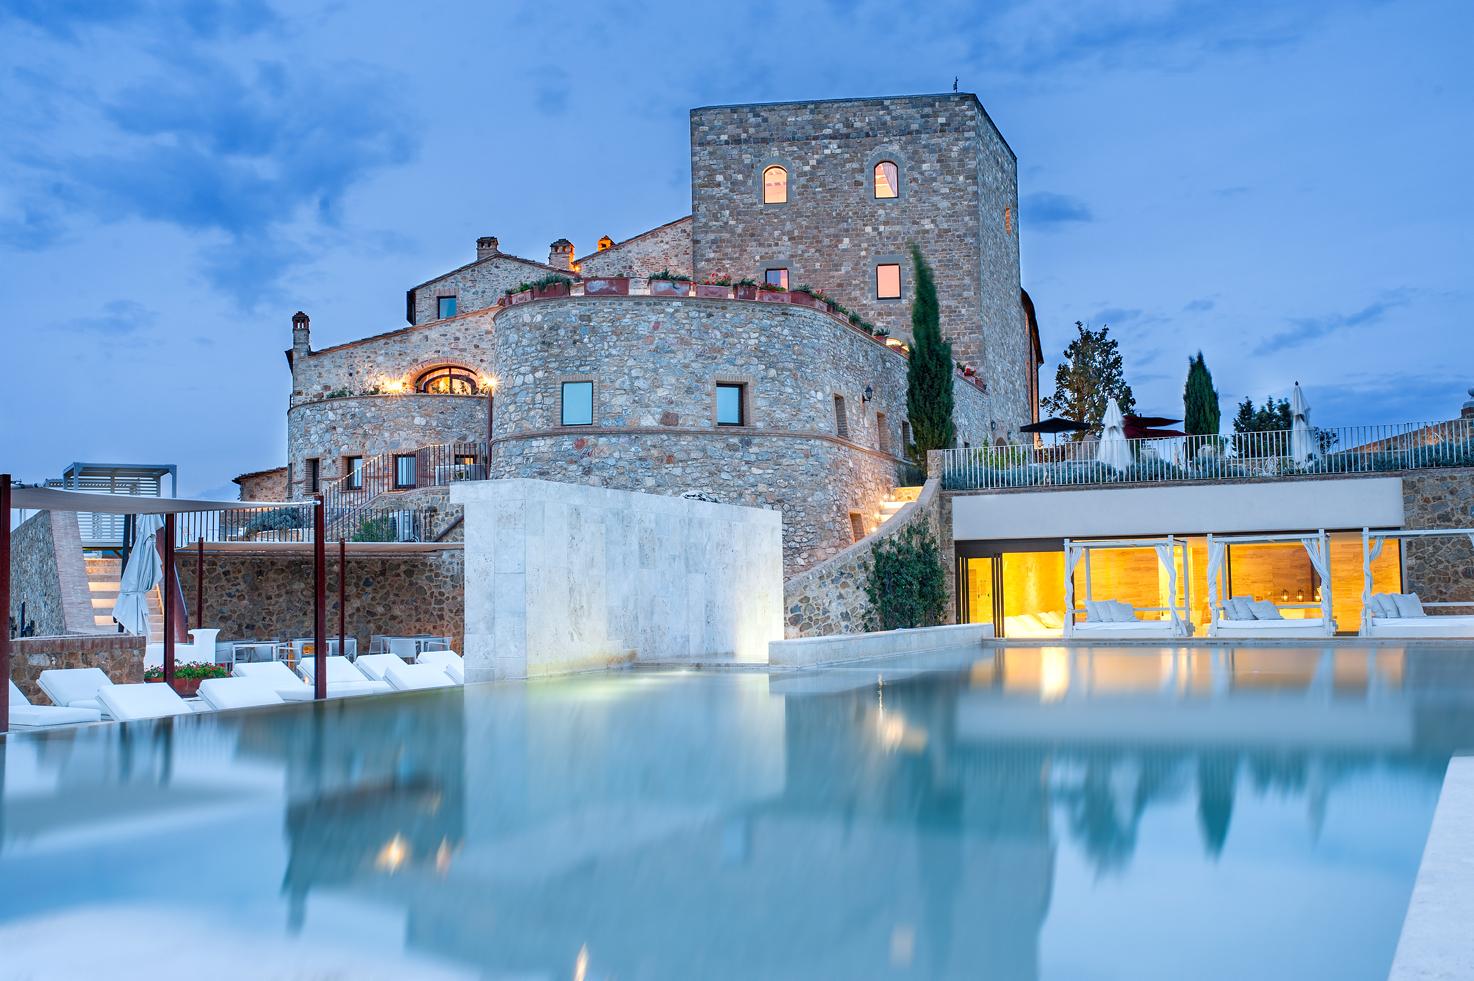 Exterior of Castello di Velona